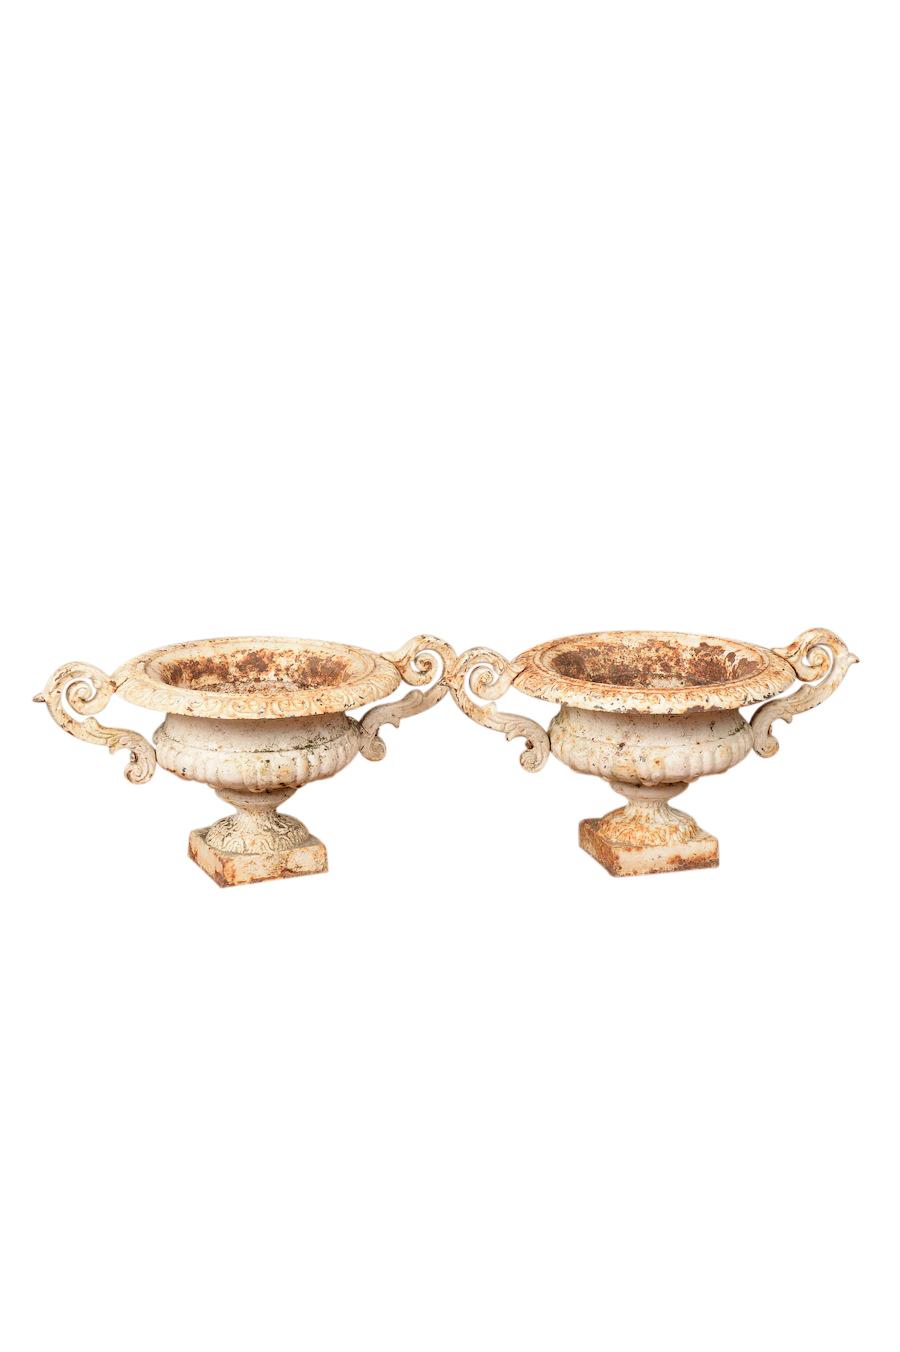 Sutherland White Urns (pair)